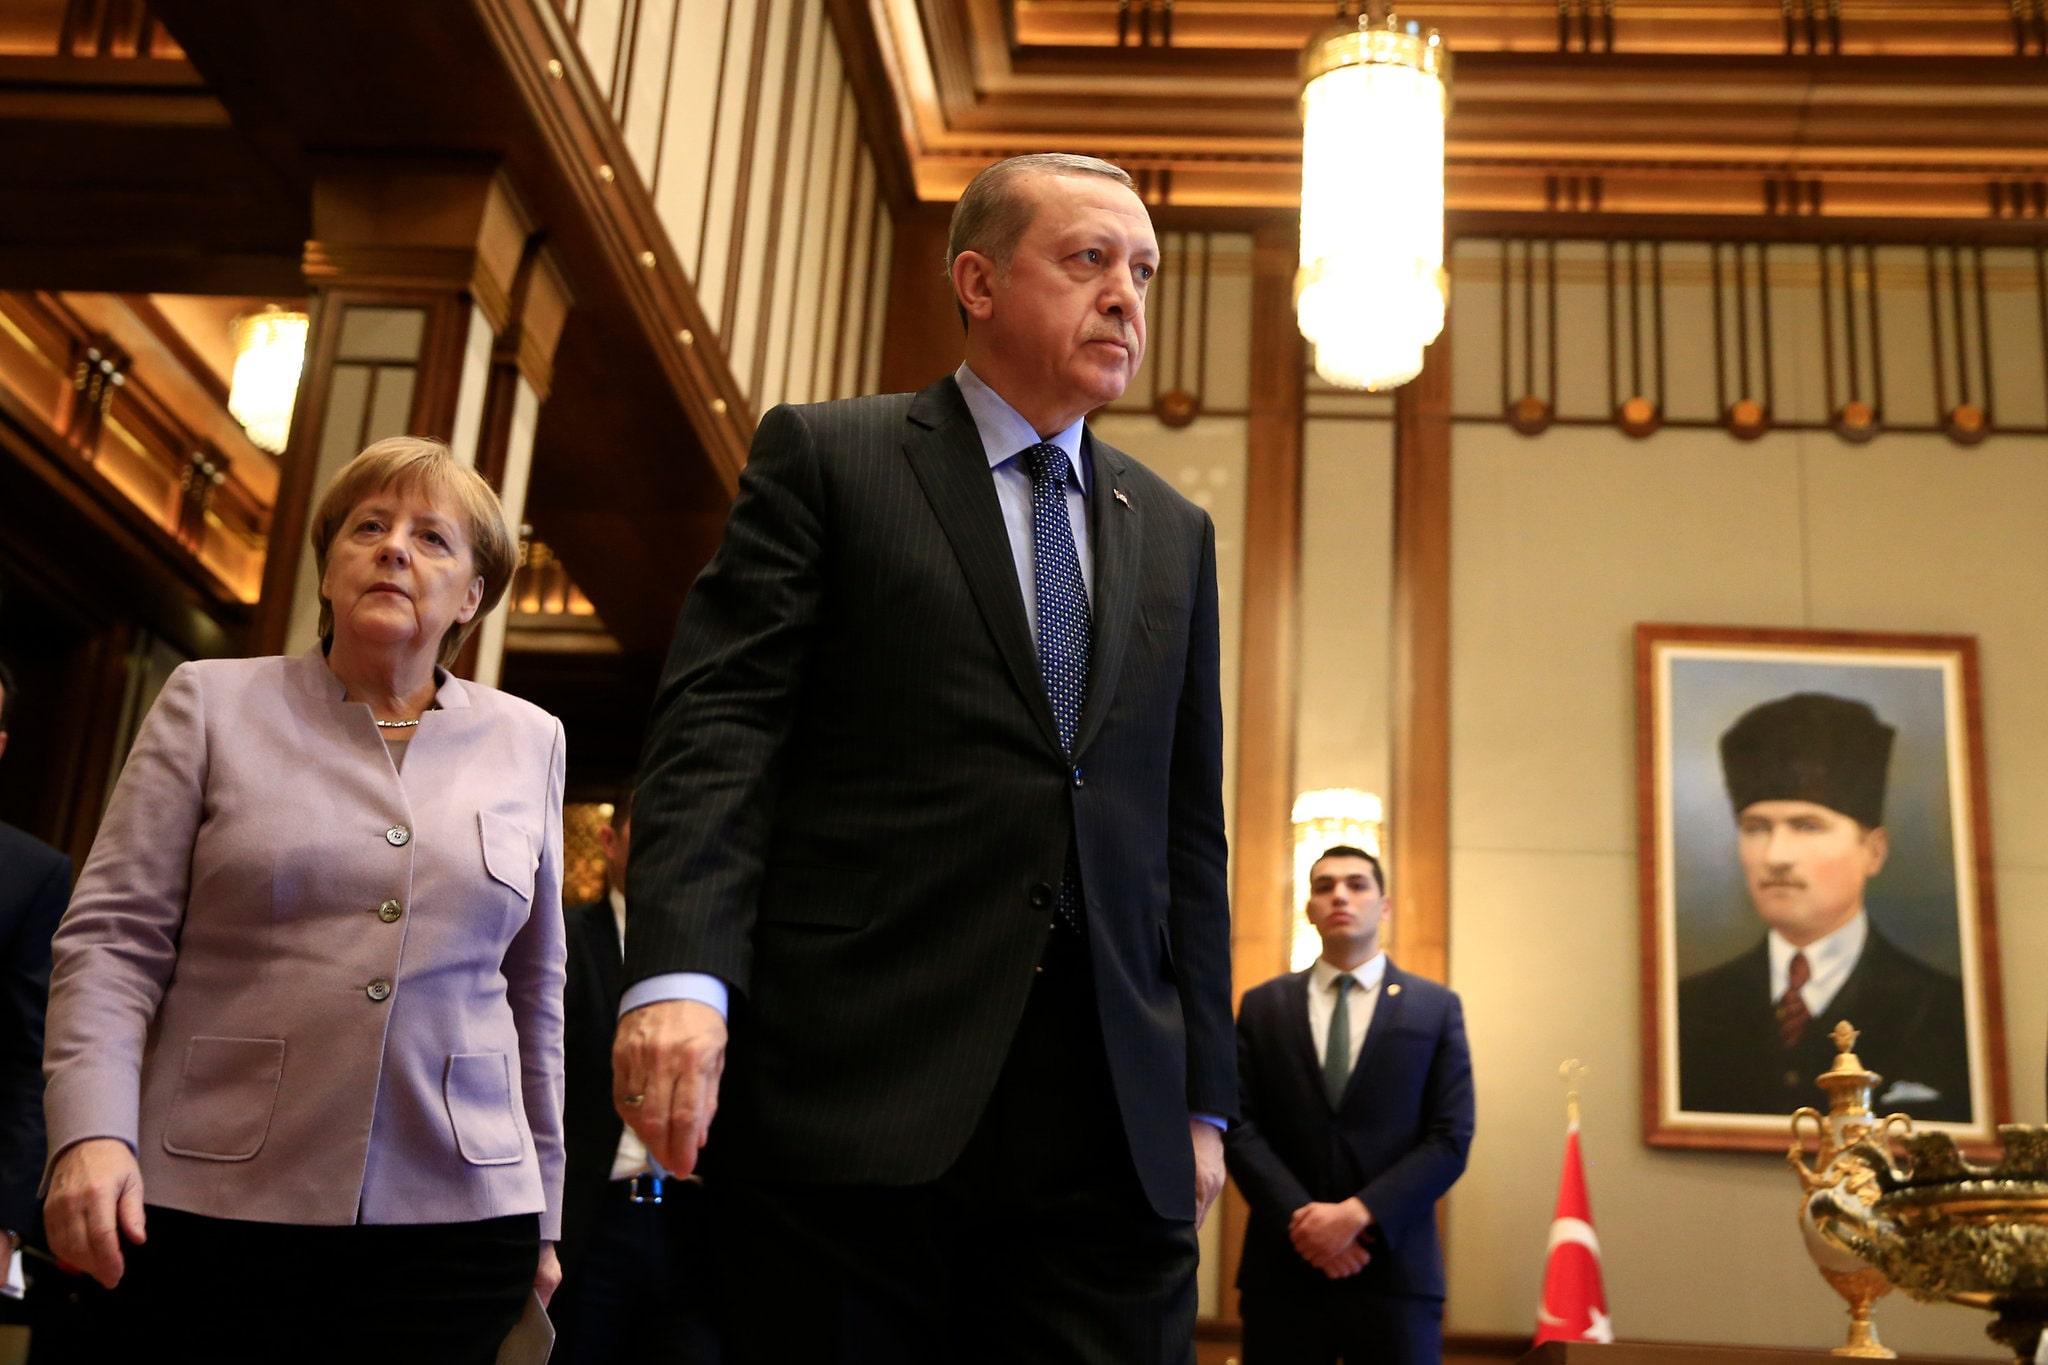 صورة ألمانيا توجه التحذير الأخير إلى تركيا- وتعطيها مهلة وجيزة